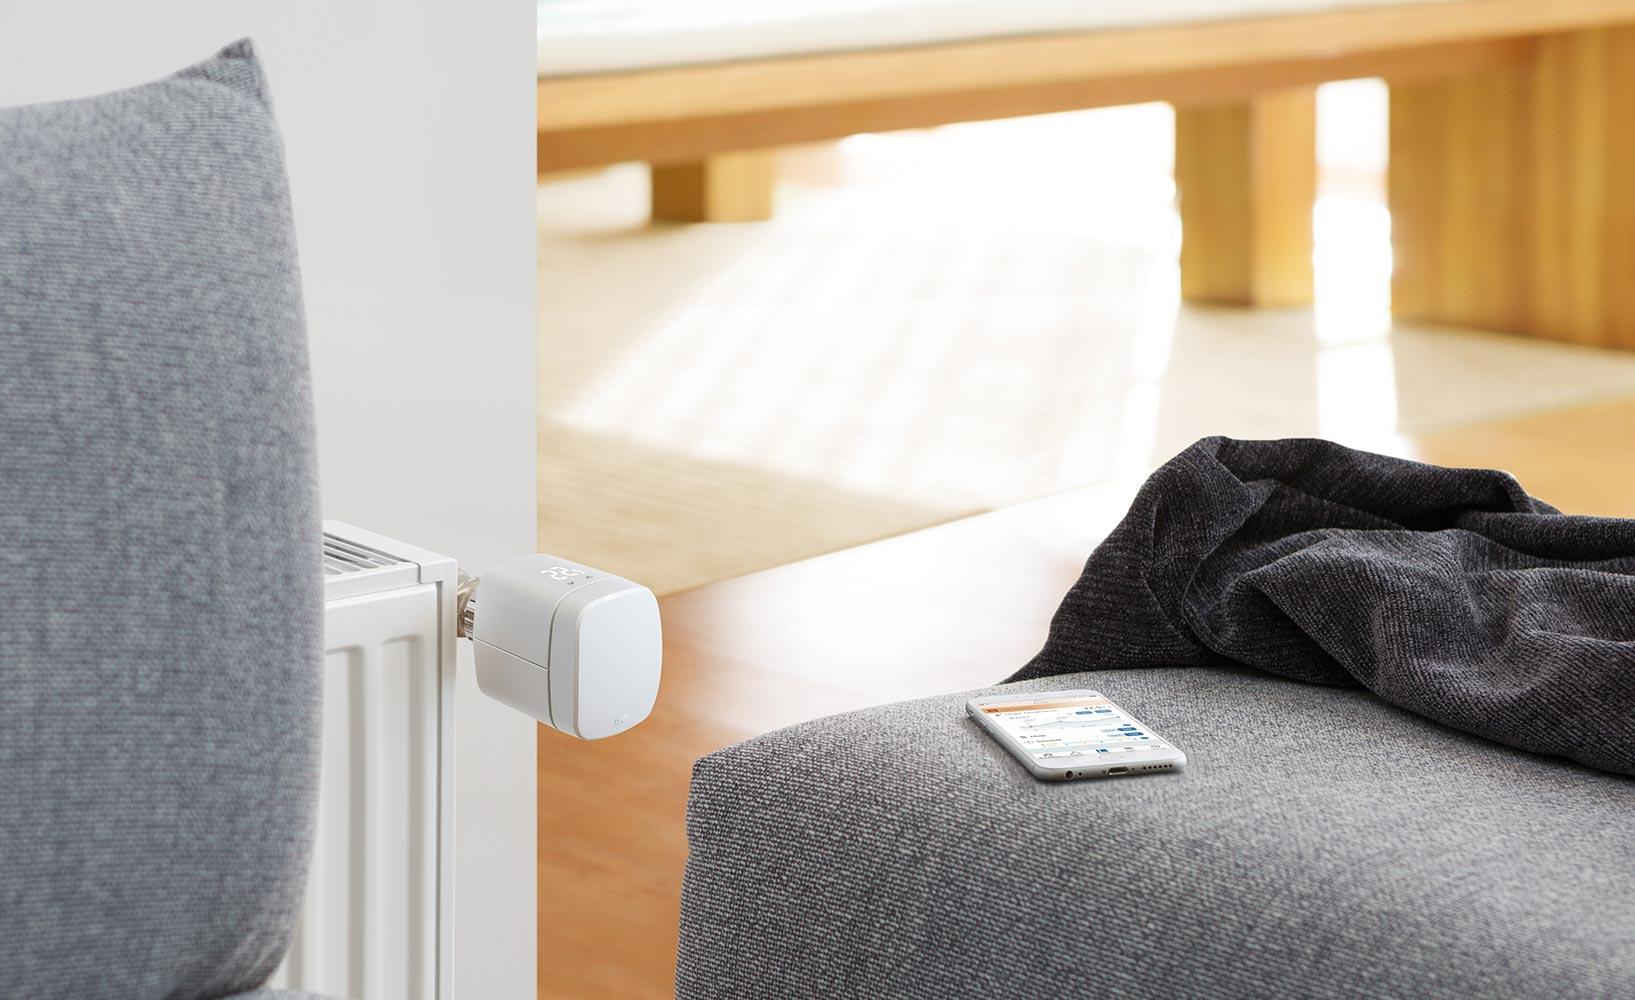 Wie funktionieren Smart Homes eigentlich?